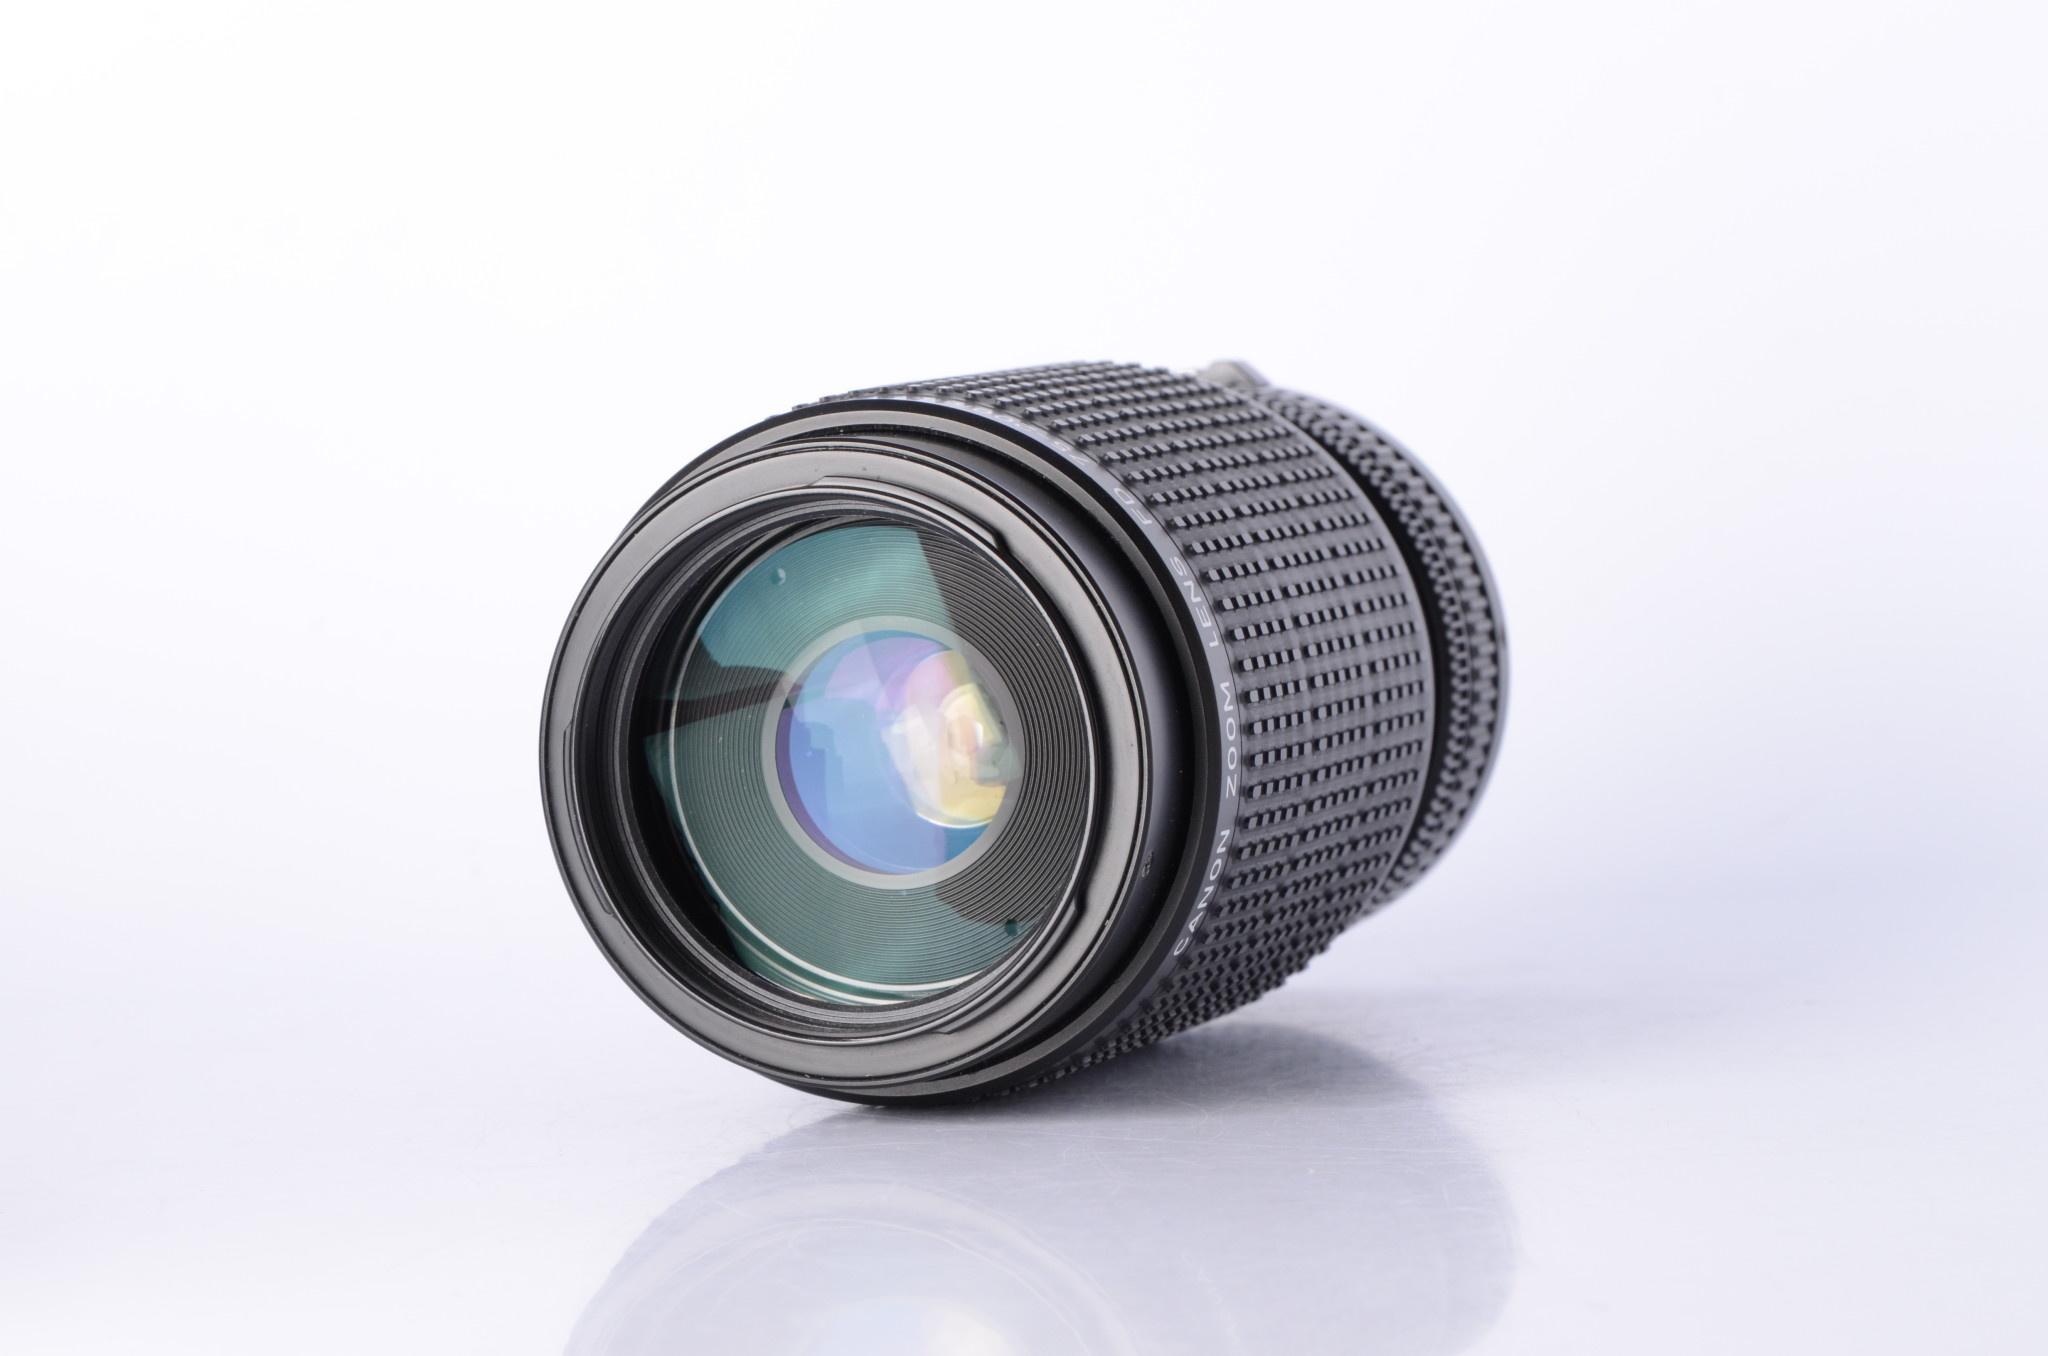 Canon Canon 75-200mm F/4.5 Manual Focus Lens SN: 75238 *